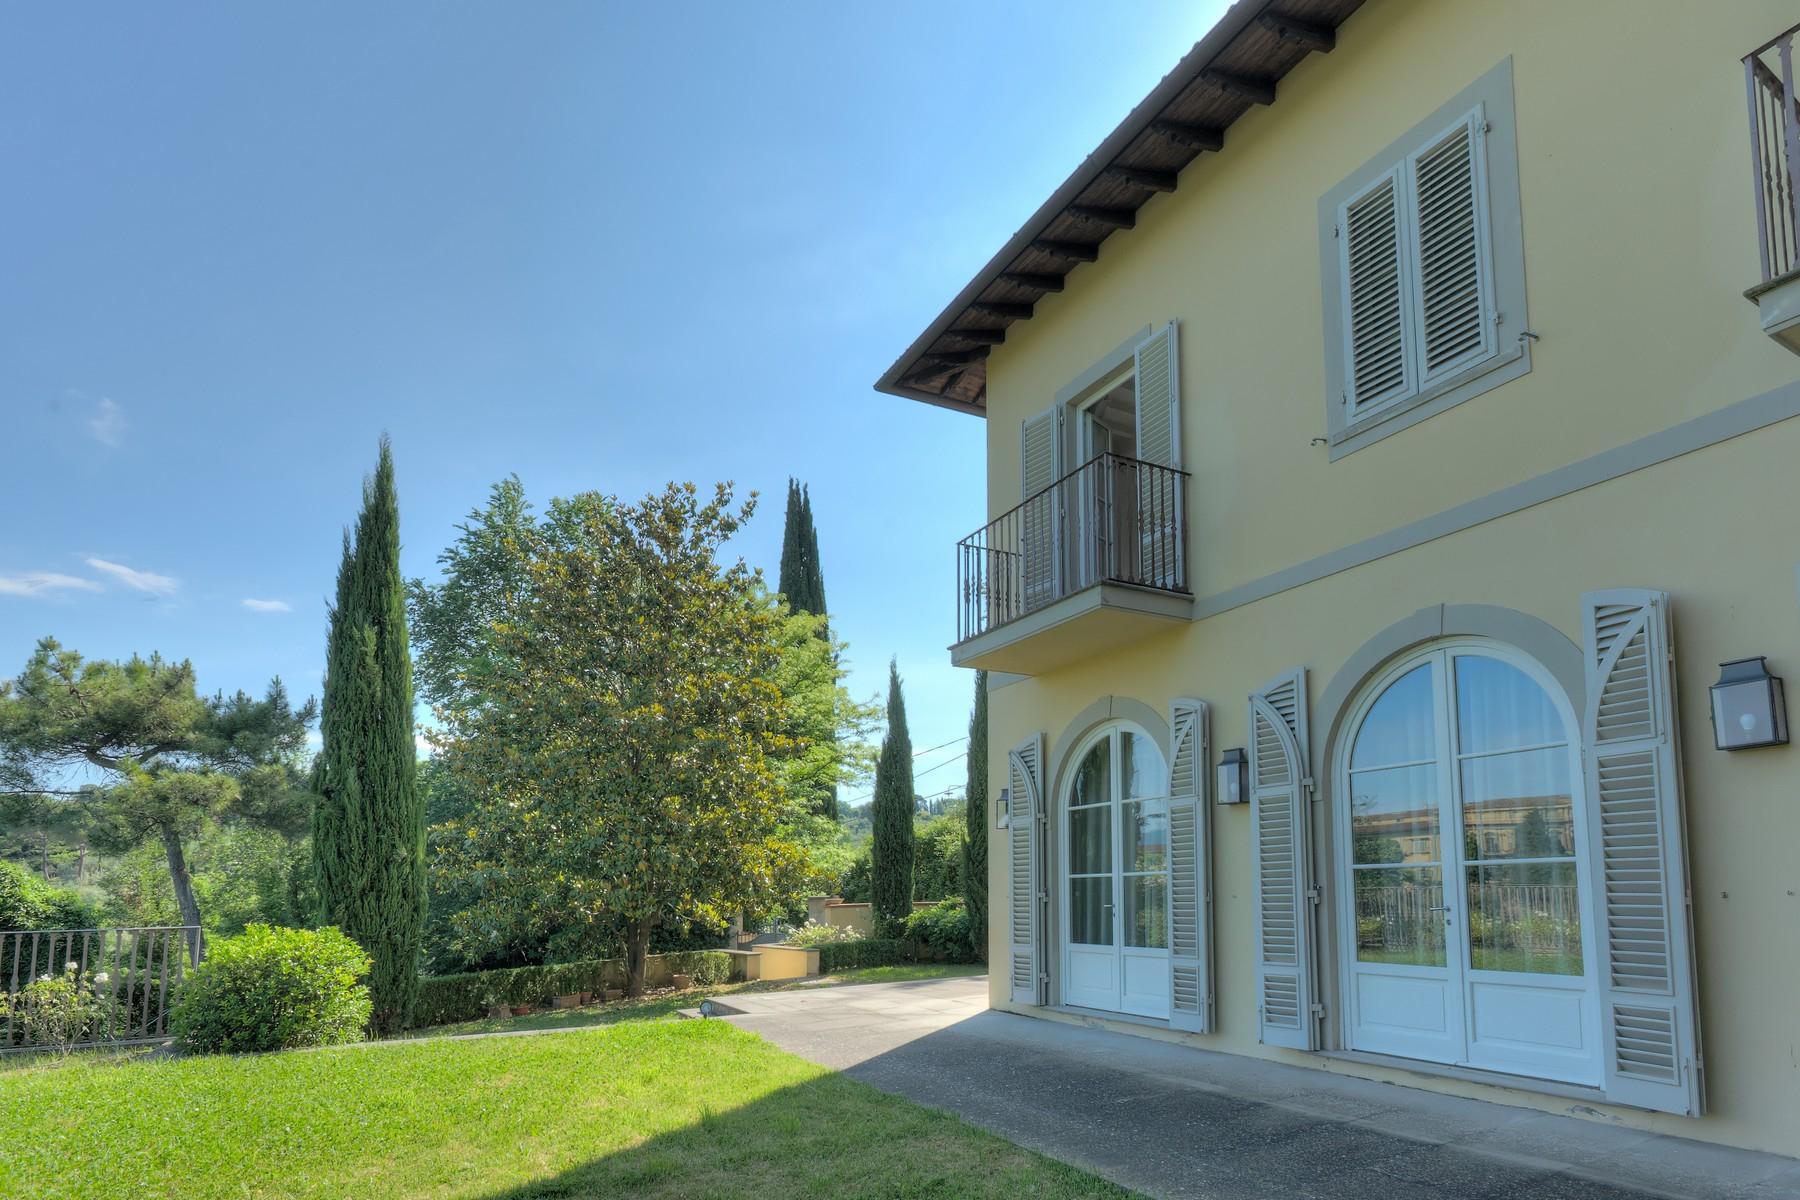 Villa in Vendita a Firenze: 5 locali, 360 mq - Foto 3